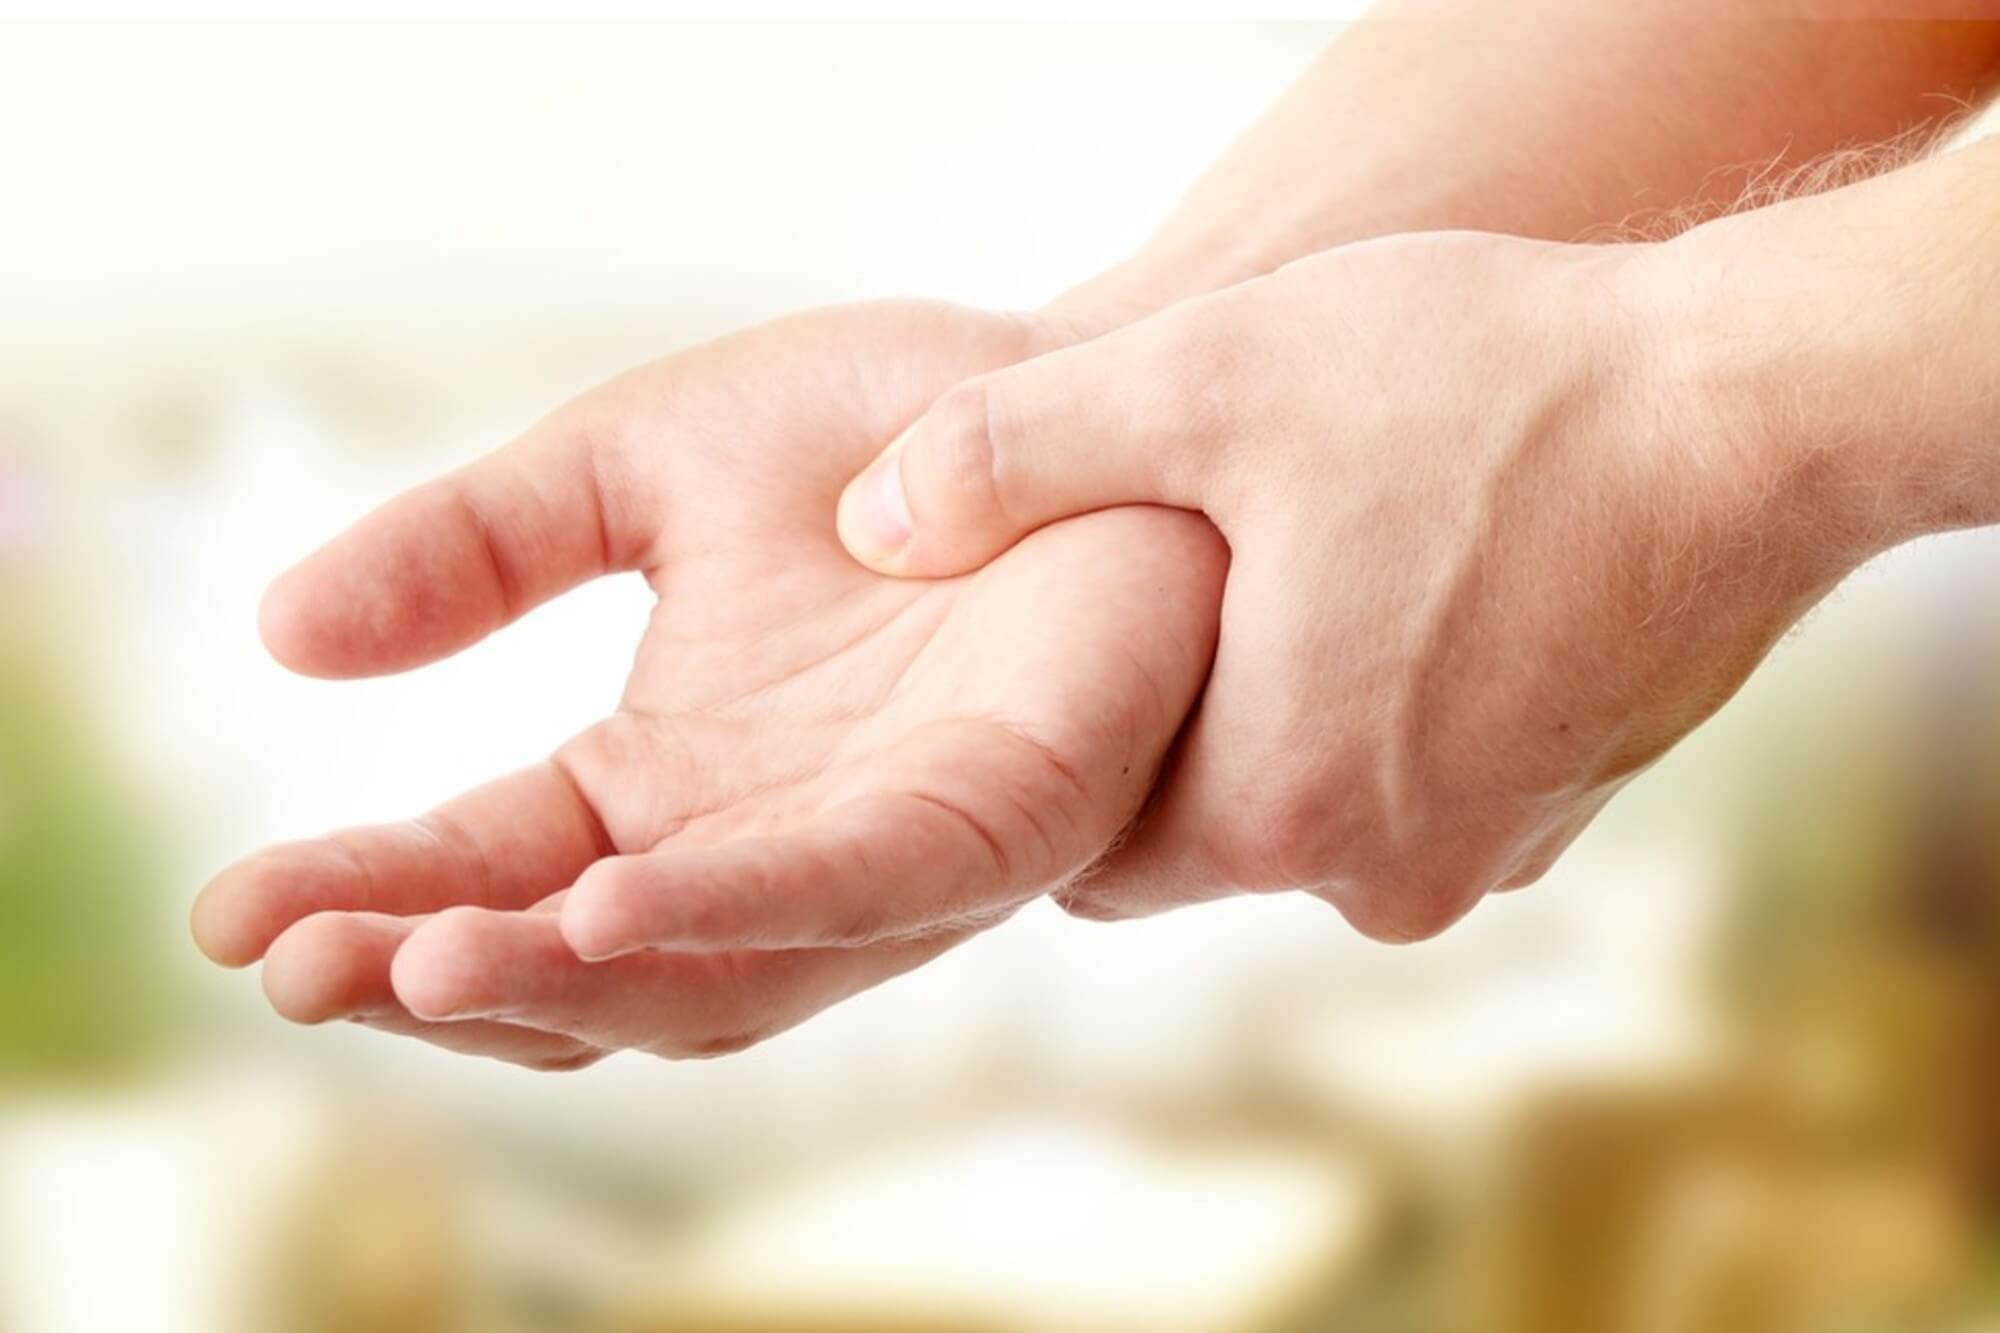 az ujjak ízületeinek éjszakai fájdalmai